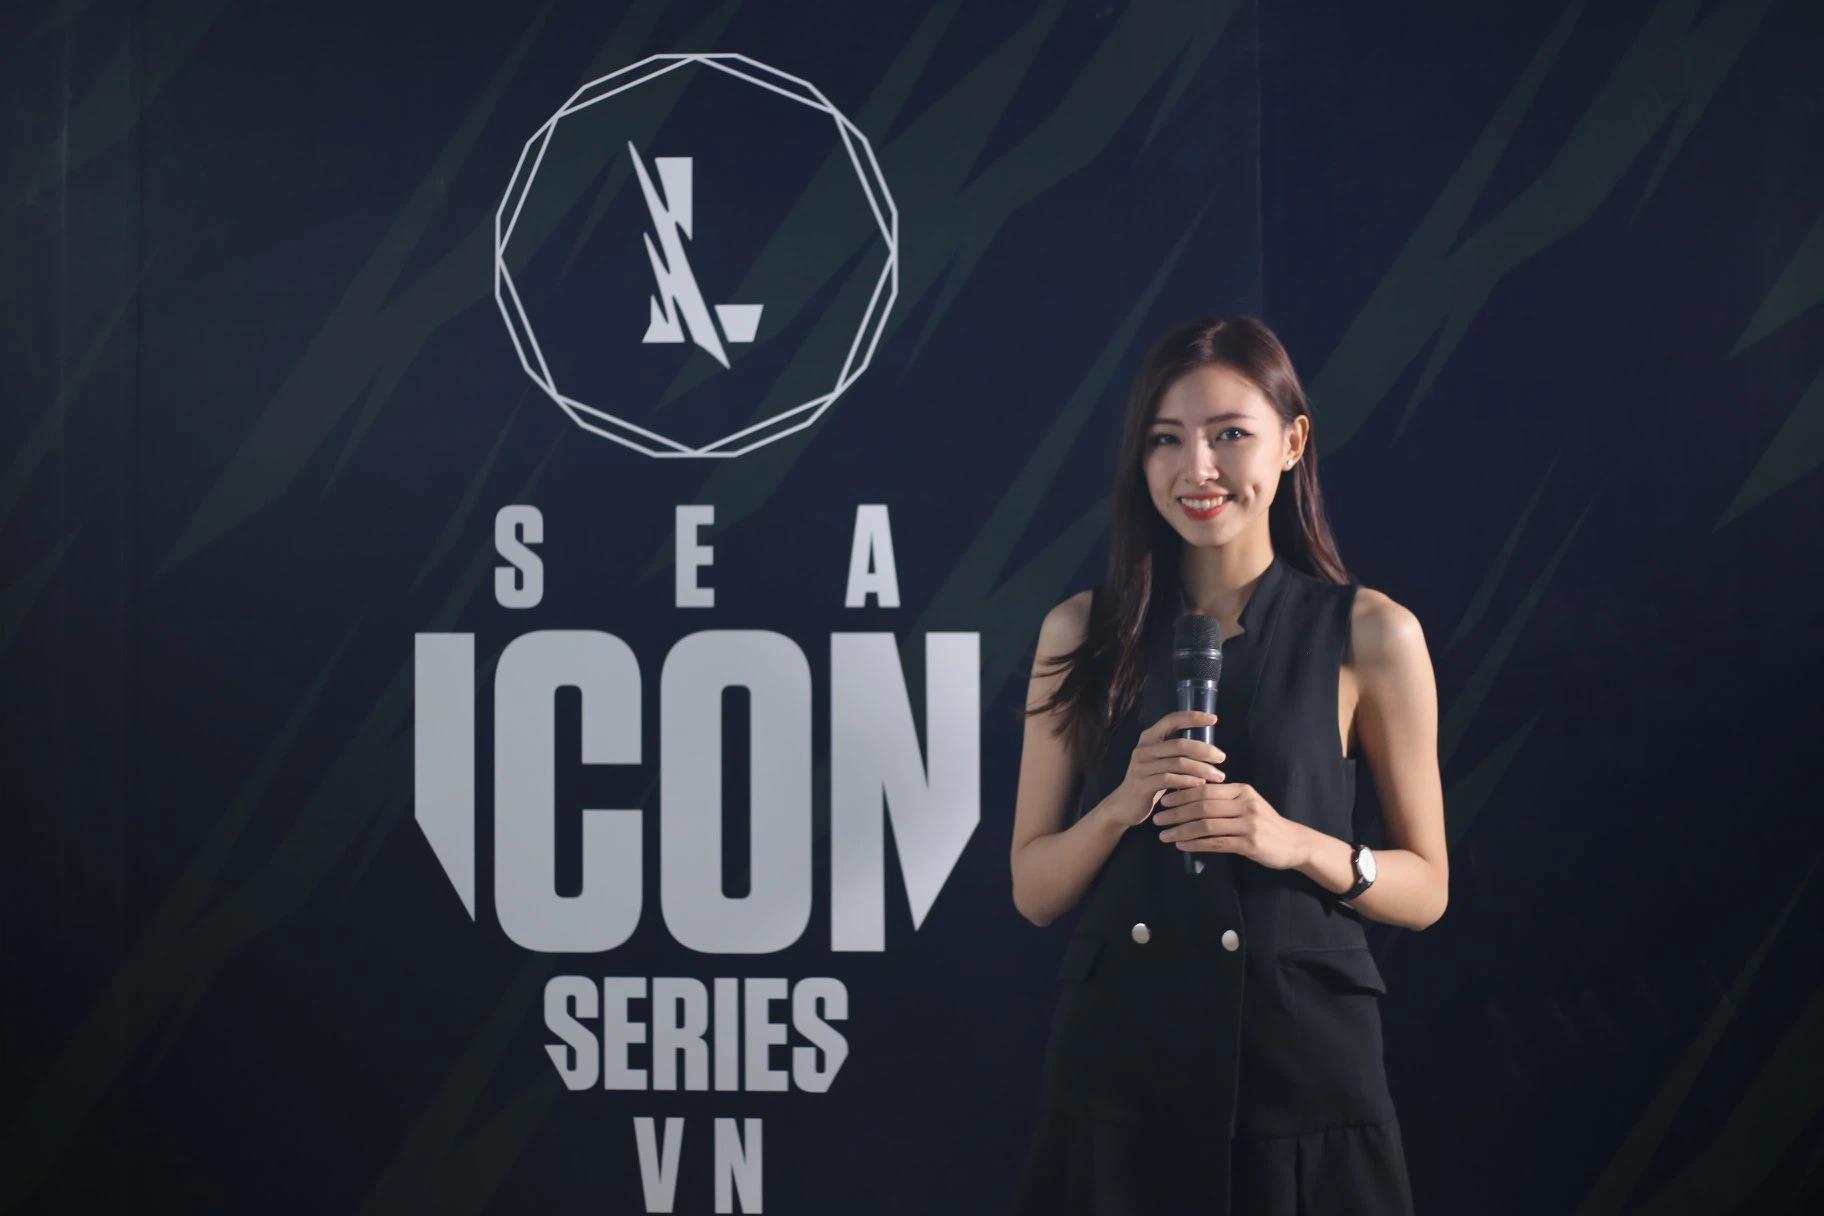 Icon Series SEA mùa Thu, bước đệm của LMHT: Tốc Chiến Việt Nam ra đấu trường thế giới - Ảnh 4.